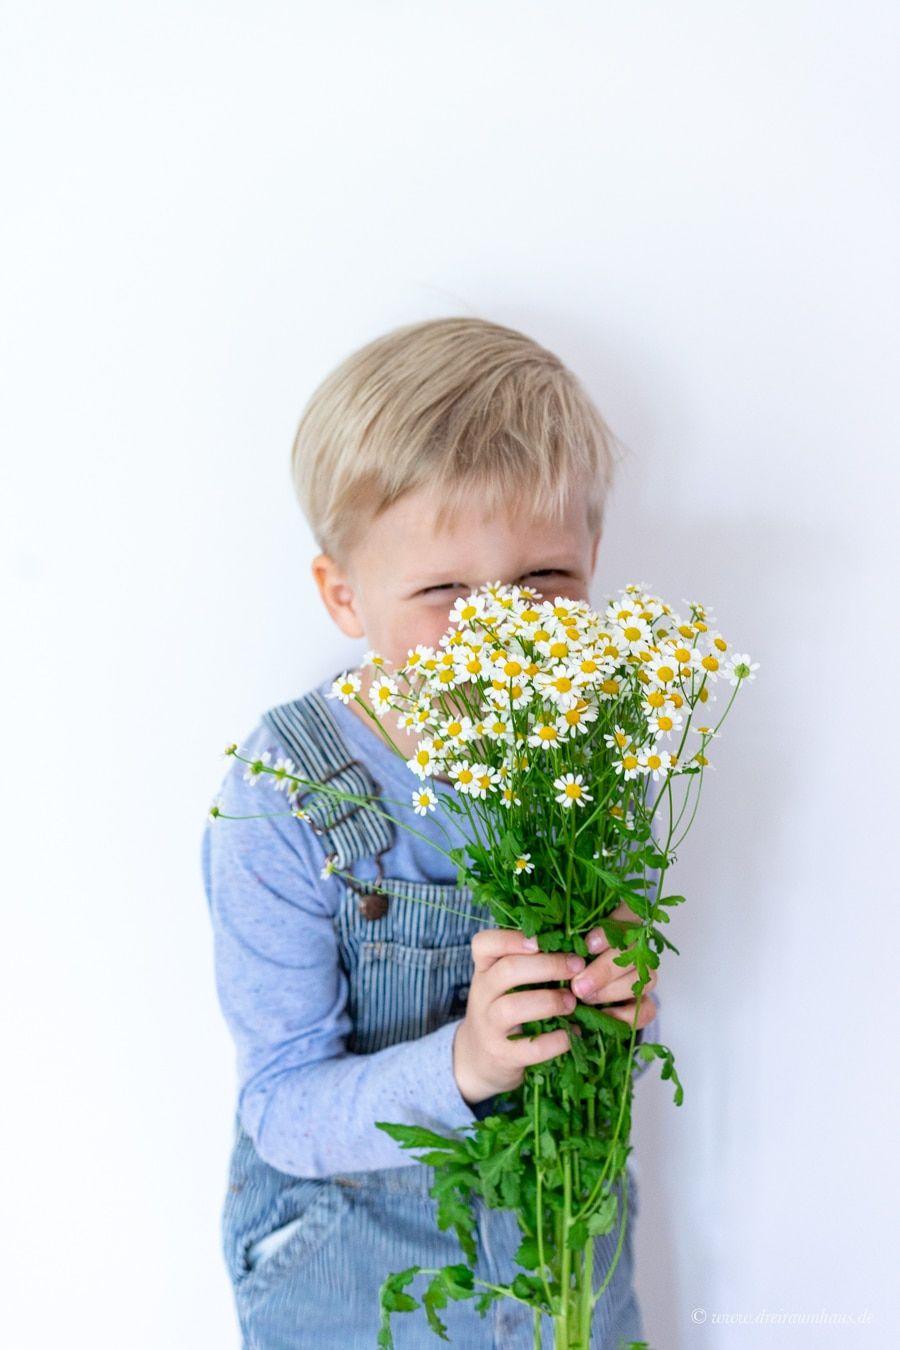 Geben wir die Emanzipation ab, wenn wir Mütter werden? Kamillan - natürlicher Ersthelfer!